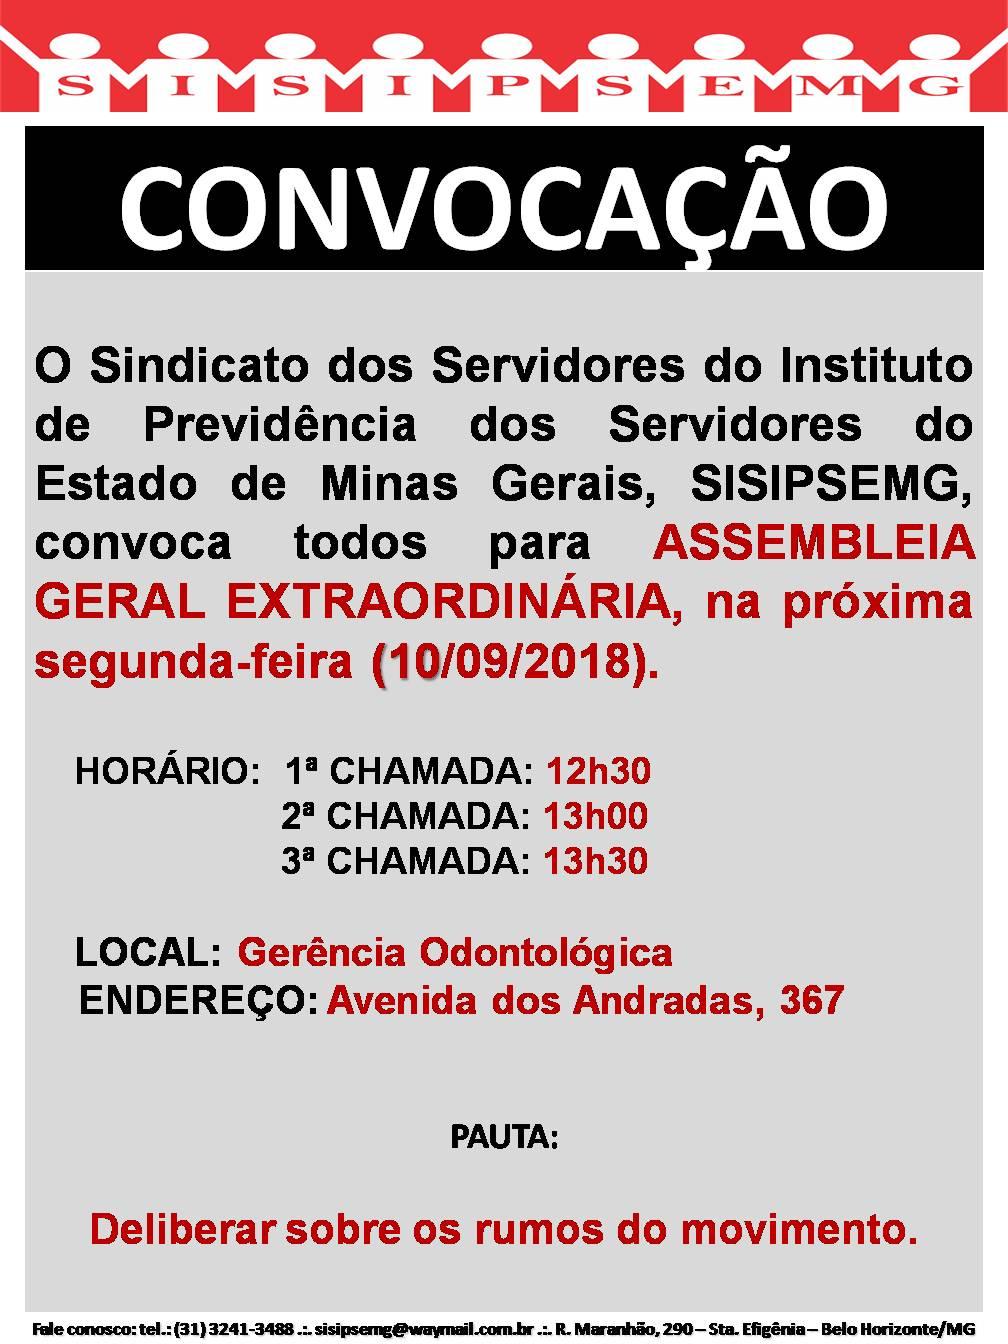 Convocação Assembleia Geral 10092018 (1)